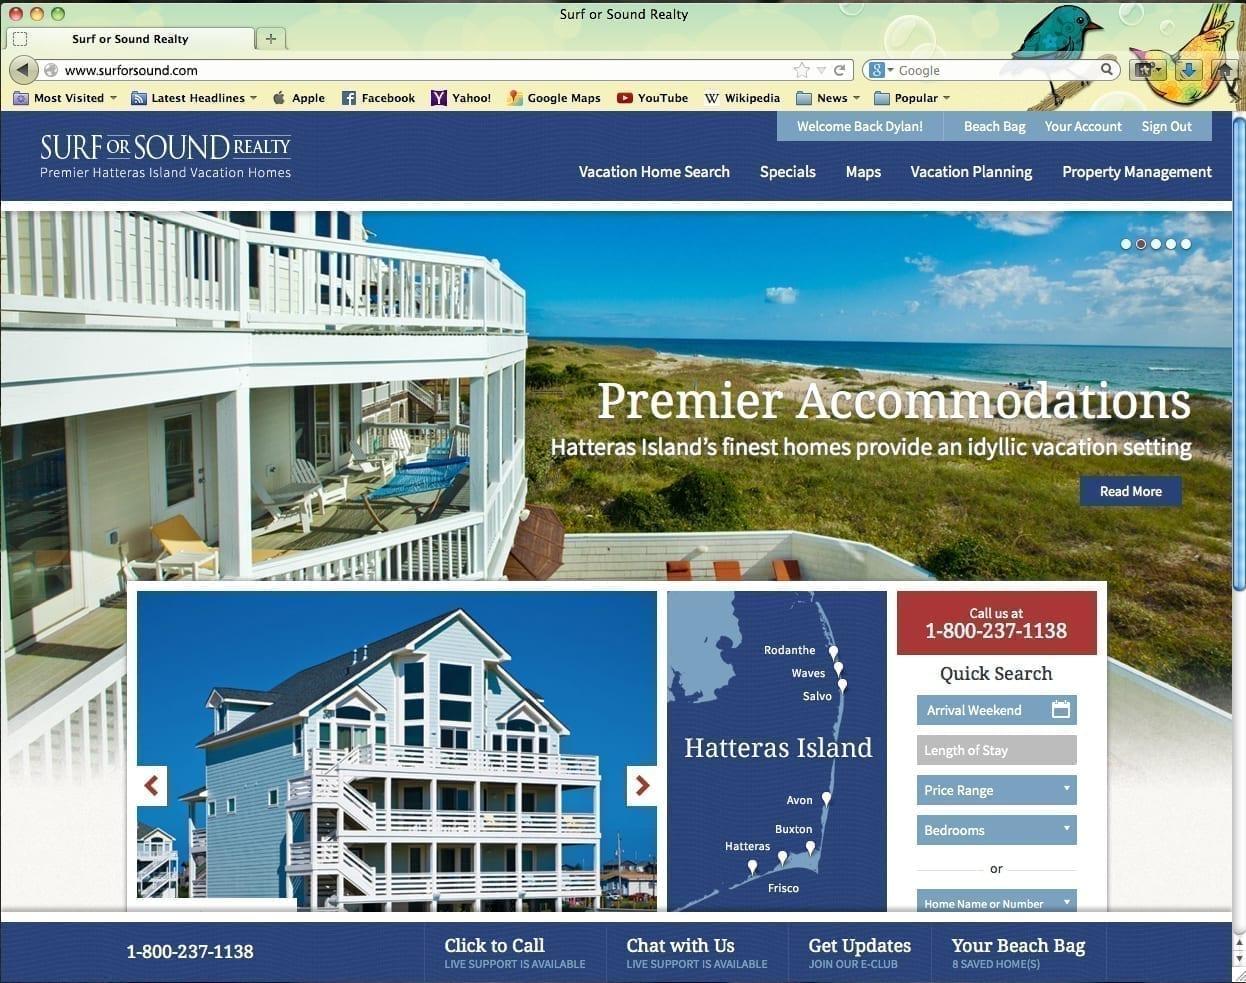 SurforSound.com Home Page